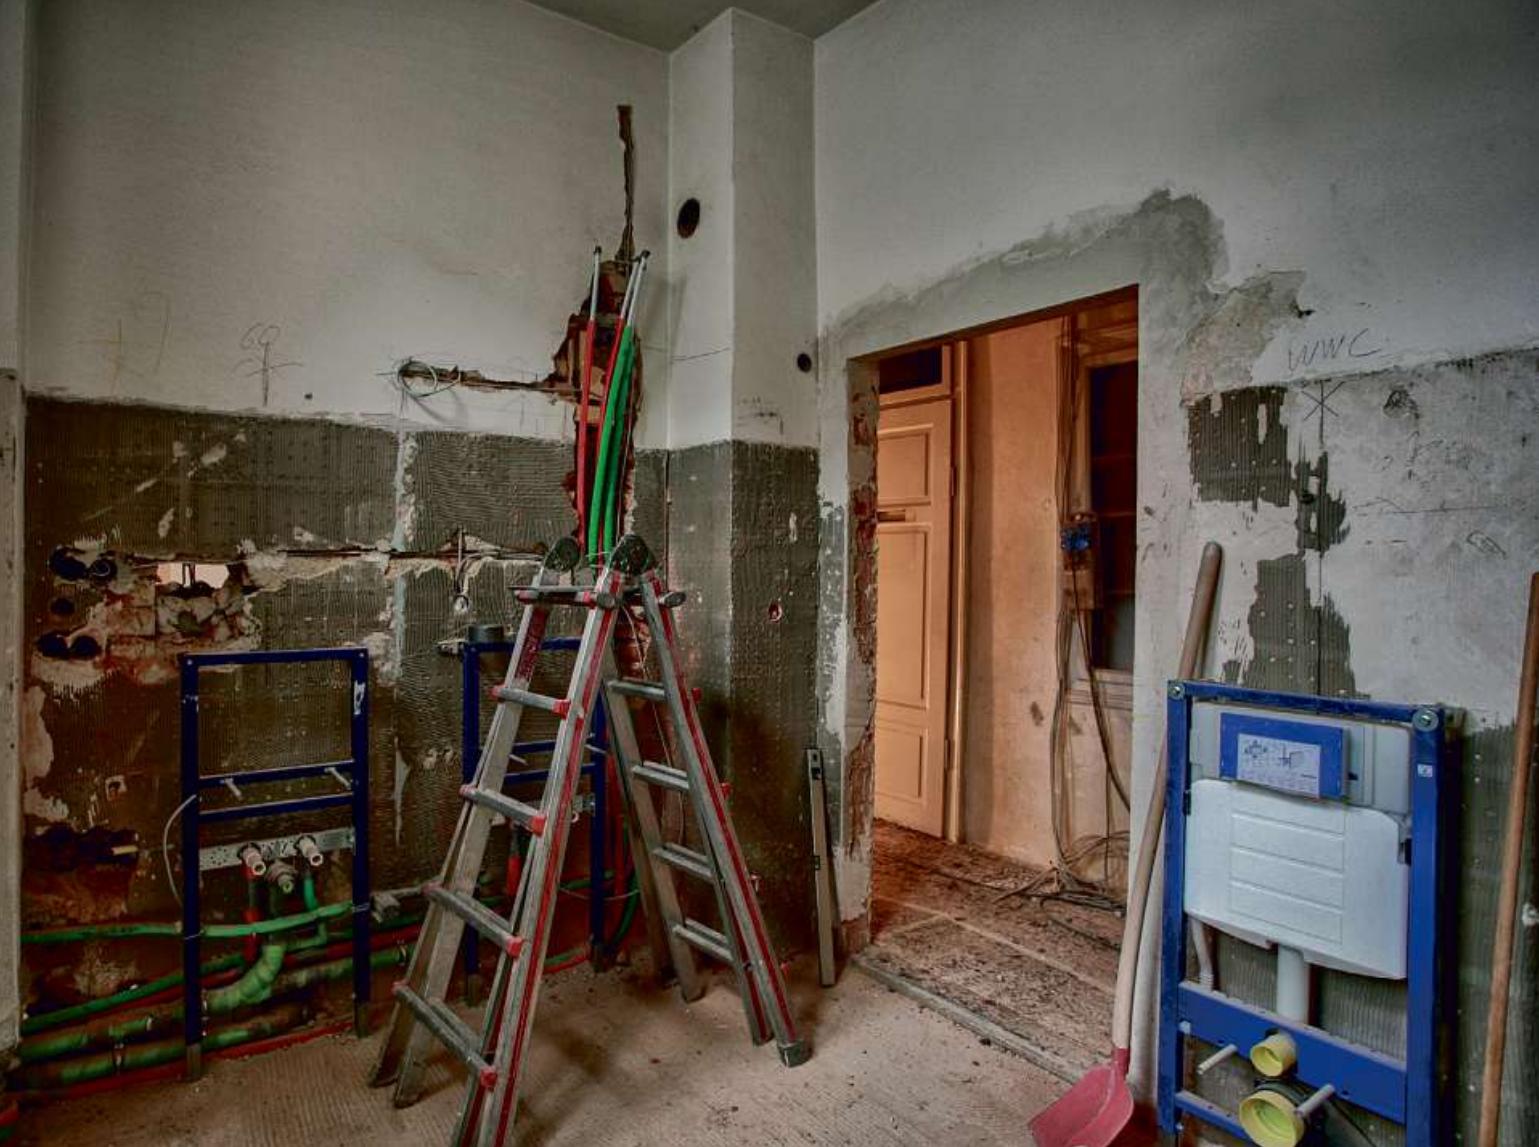 Modernisierung: Wer sein Haus nicht pflegt, muss auf Dauer deutlich mehr in die Sanierung investieren. Foto: Omid Mahdawi_Adobe Stock